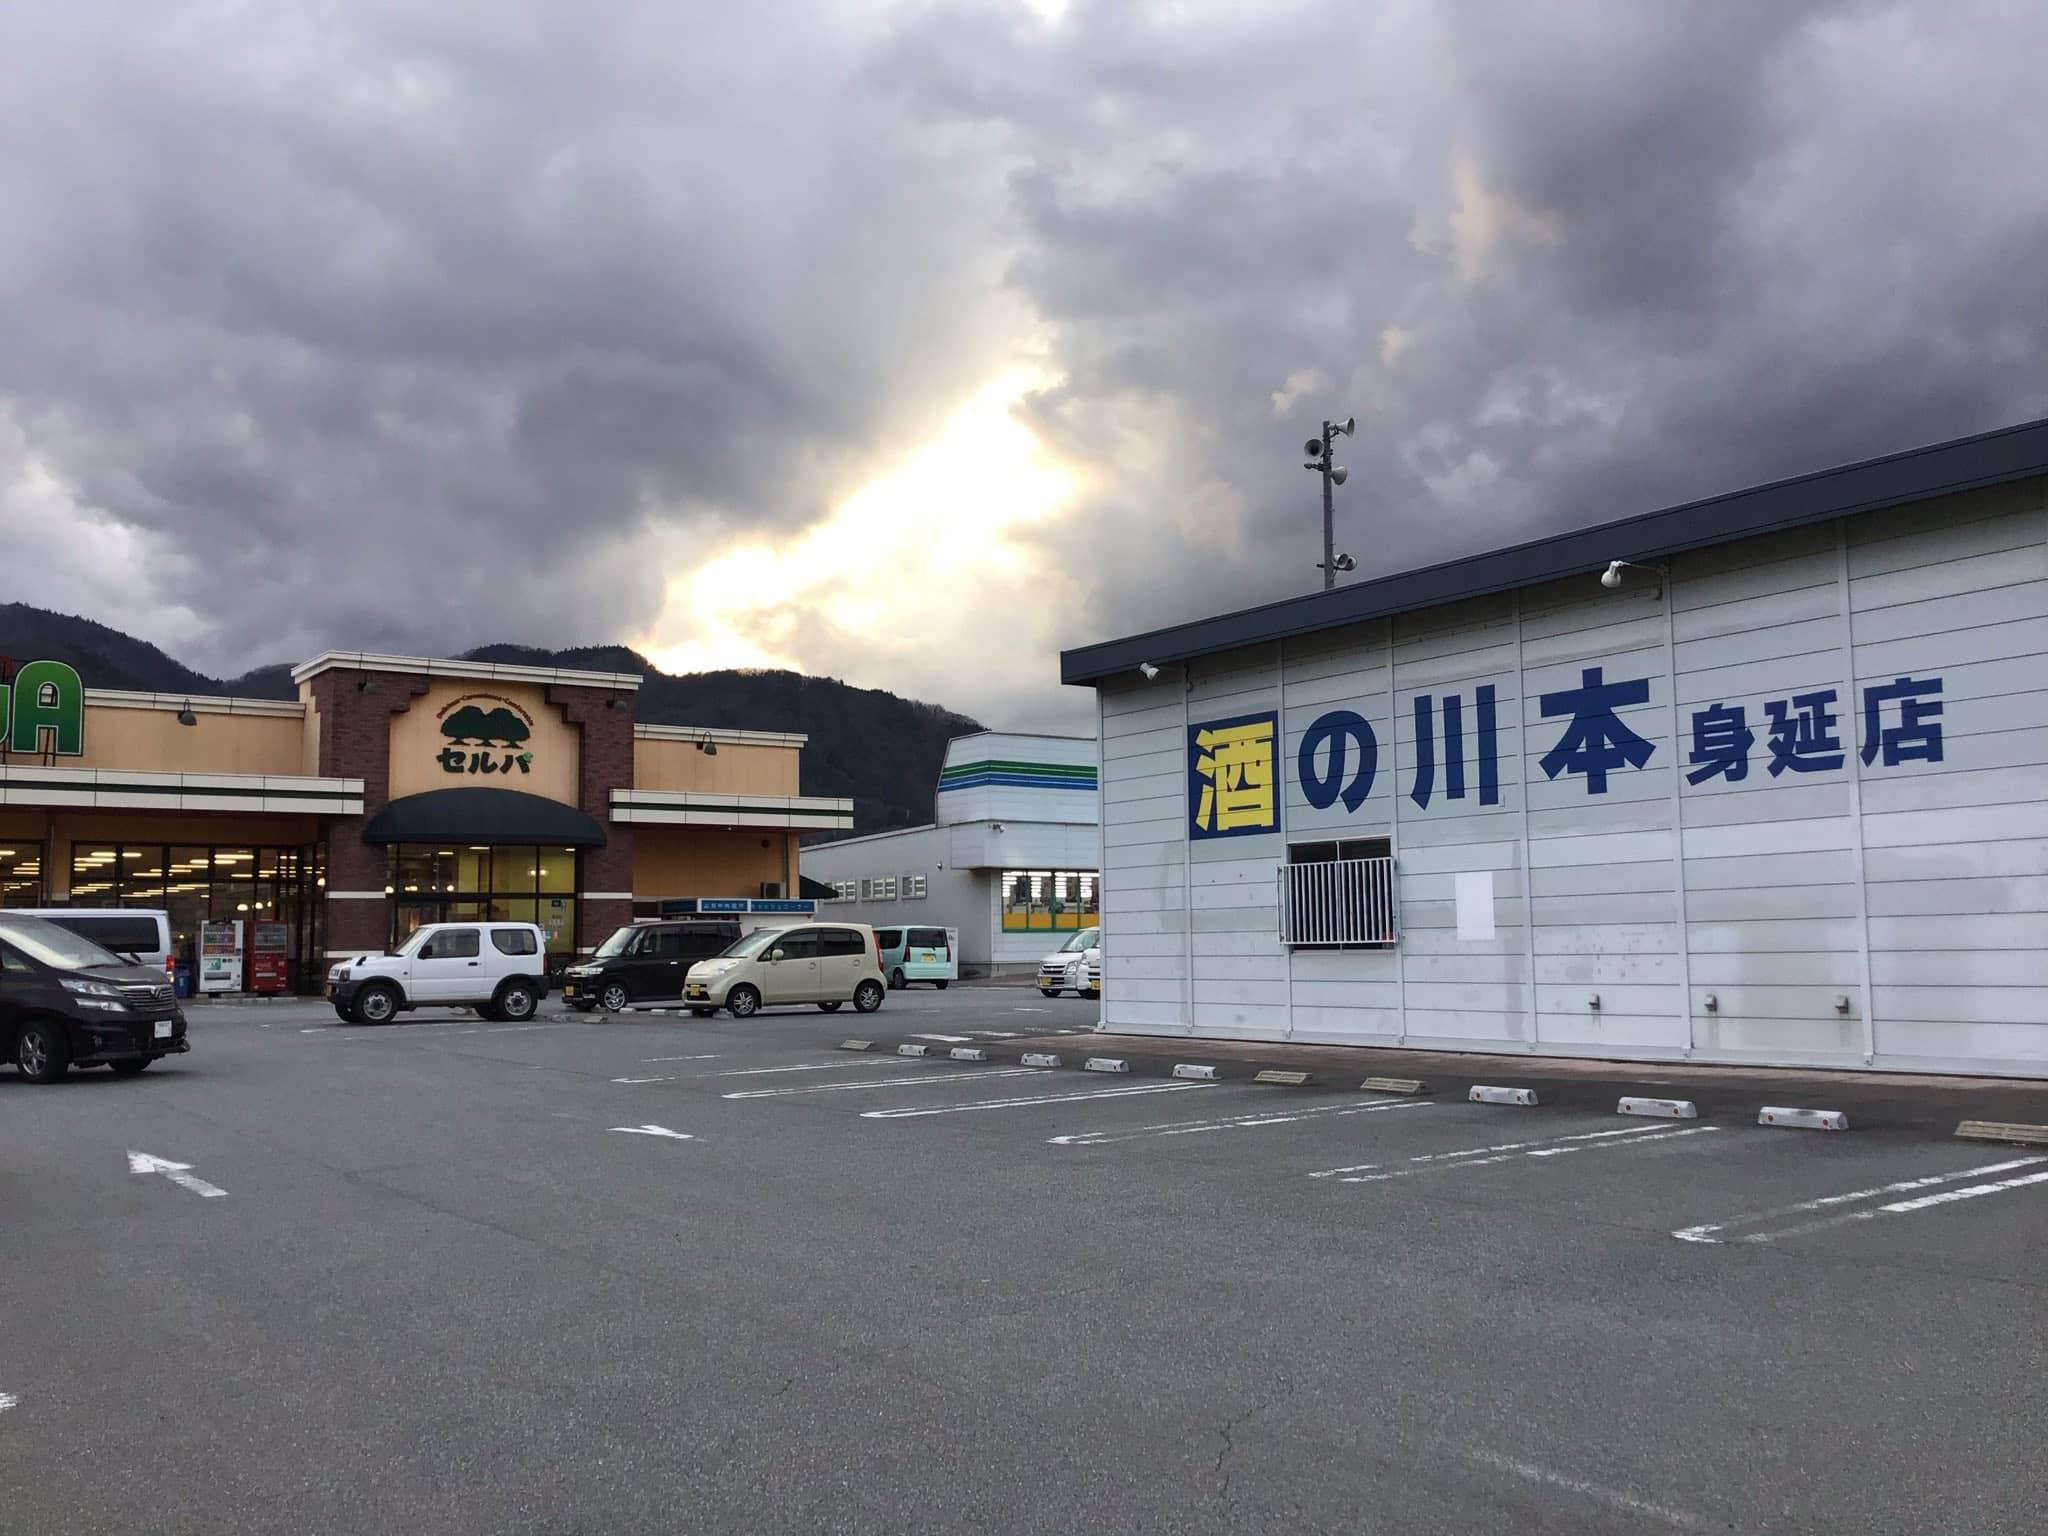 Yuru Camp tienda en la vida real